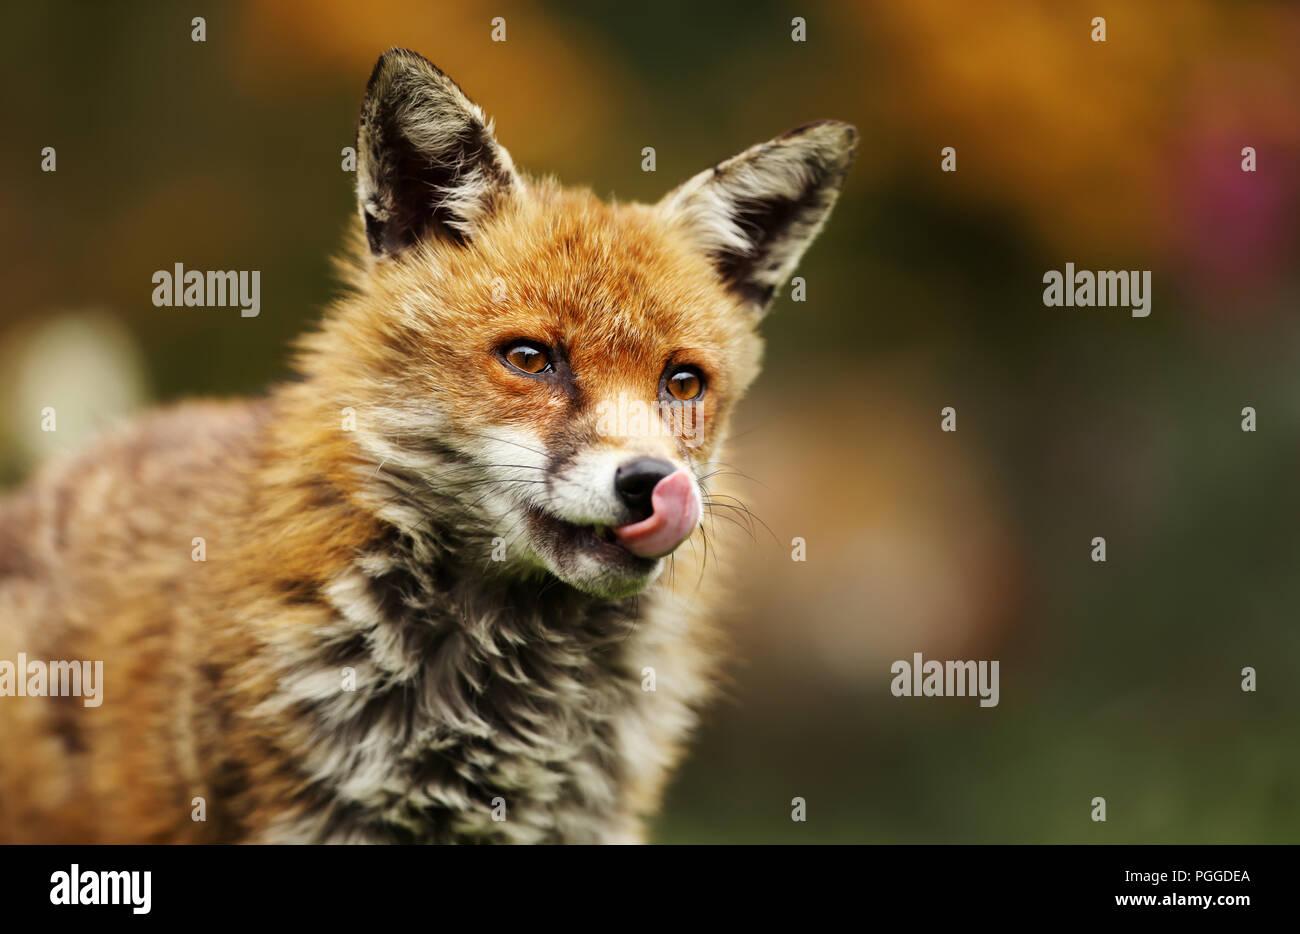 Nahaufnahme einer roten Fuchs mit seiner Zunge heraus bei einem Besuch im Garten, UK. Stockbild